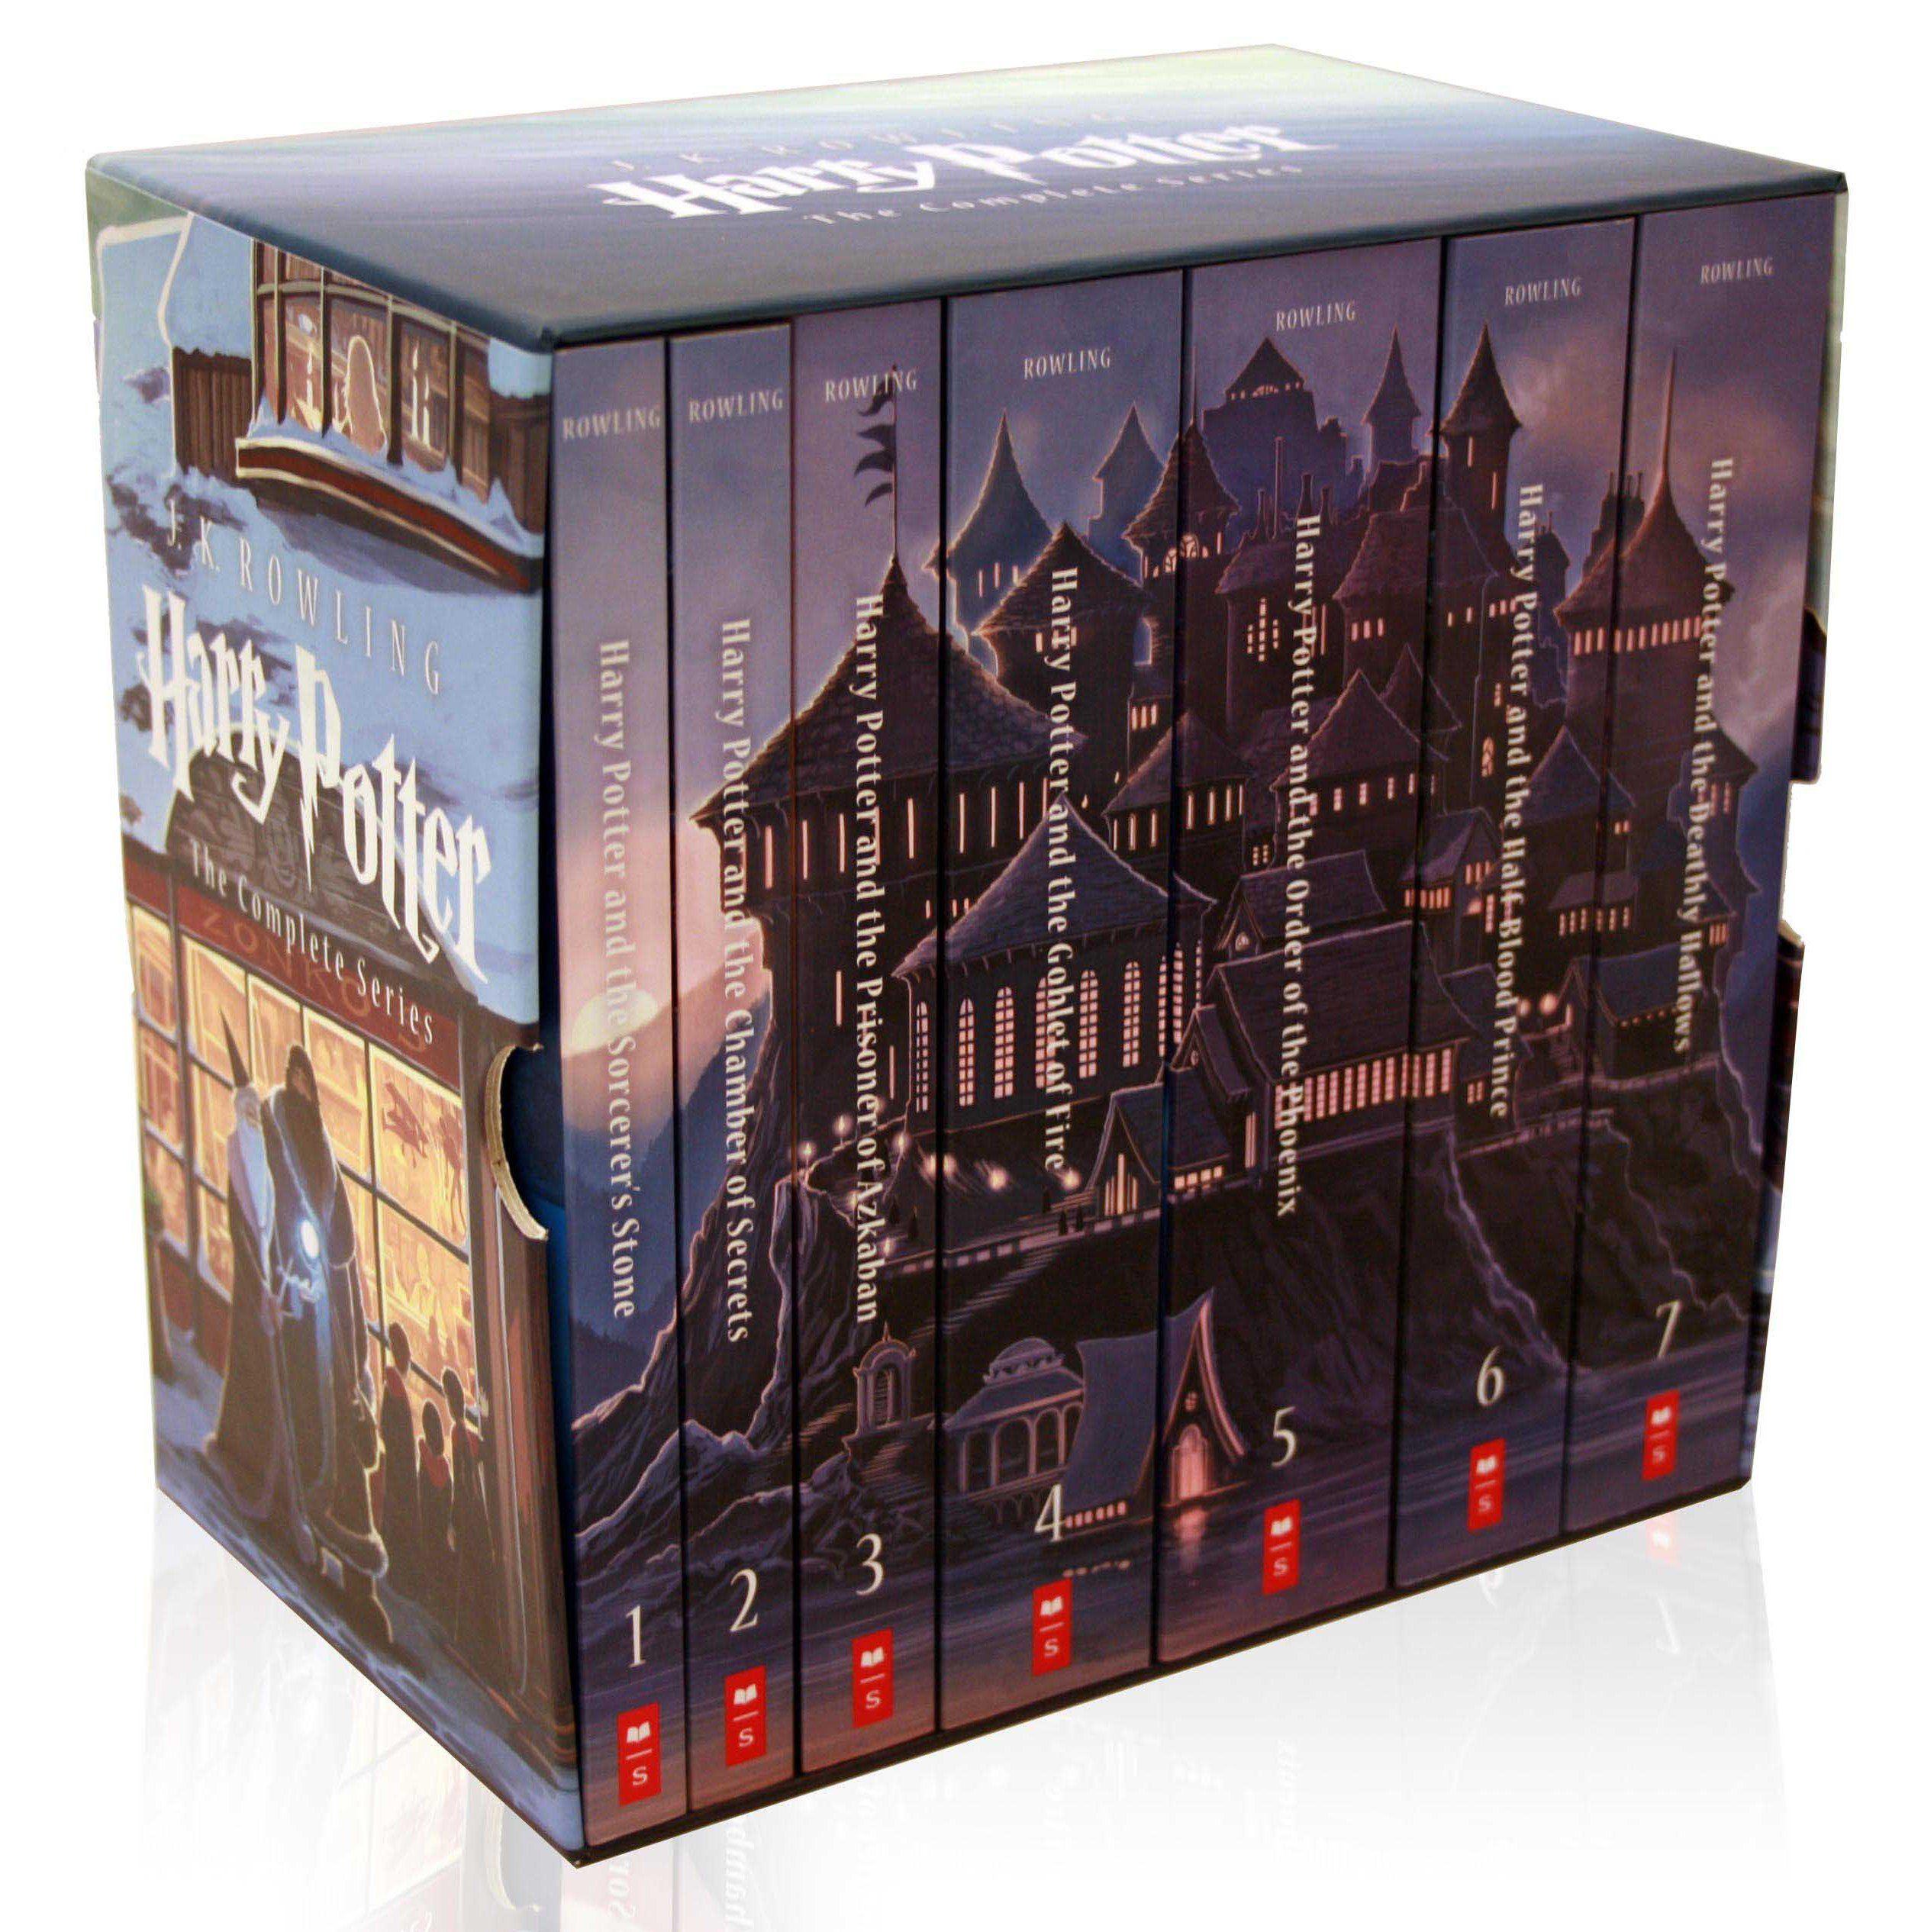 Harry Potter By J K Rowling Harry Potter Scholastic Harry Potter Book Set Harry Potter Box Set